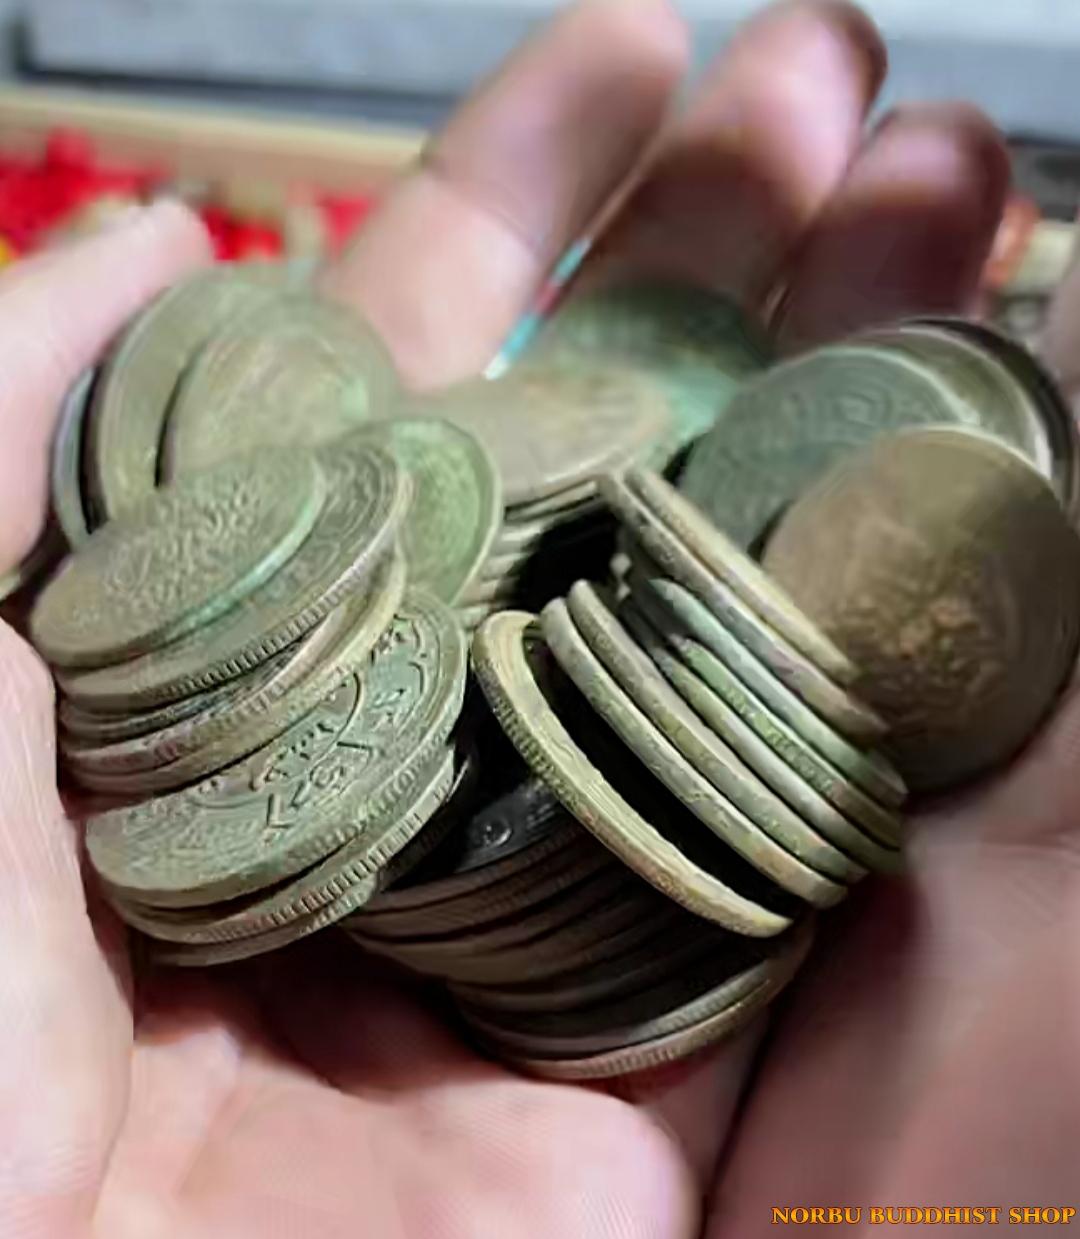 Tiền xu cổ của Tây Tạng xưa - Tiền xu tâm linh Old Coin Tibet 2